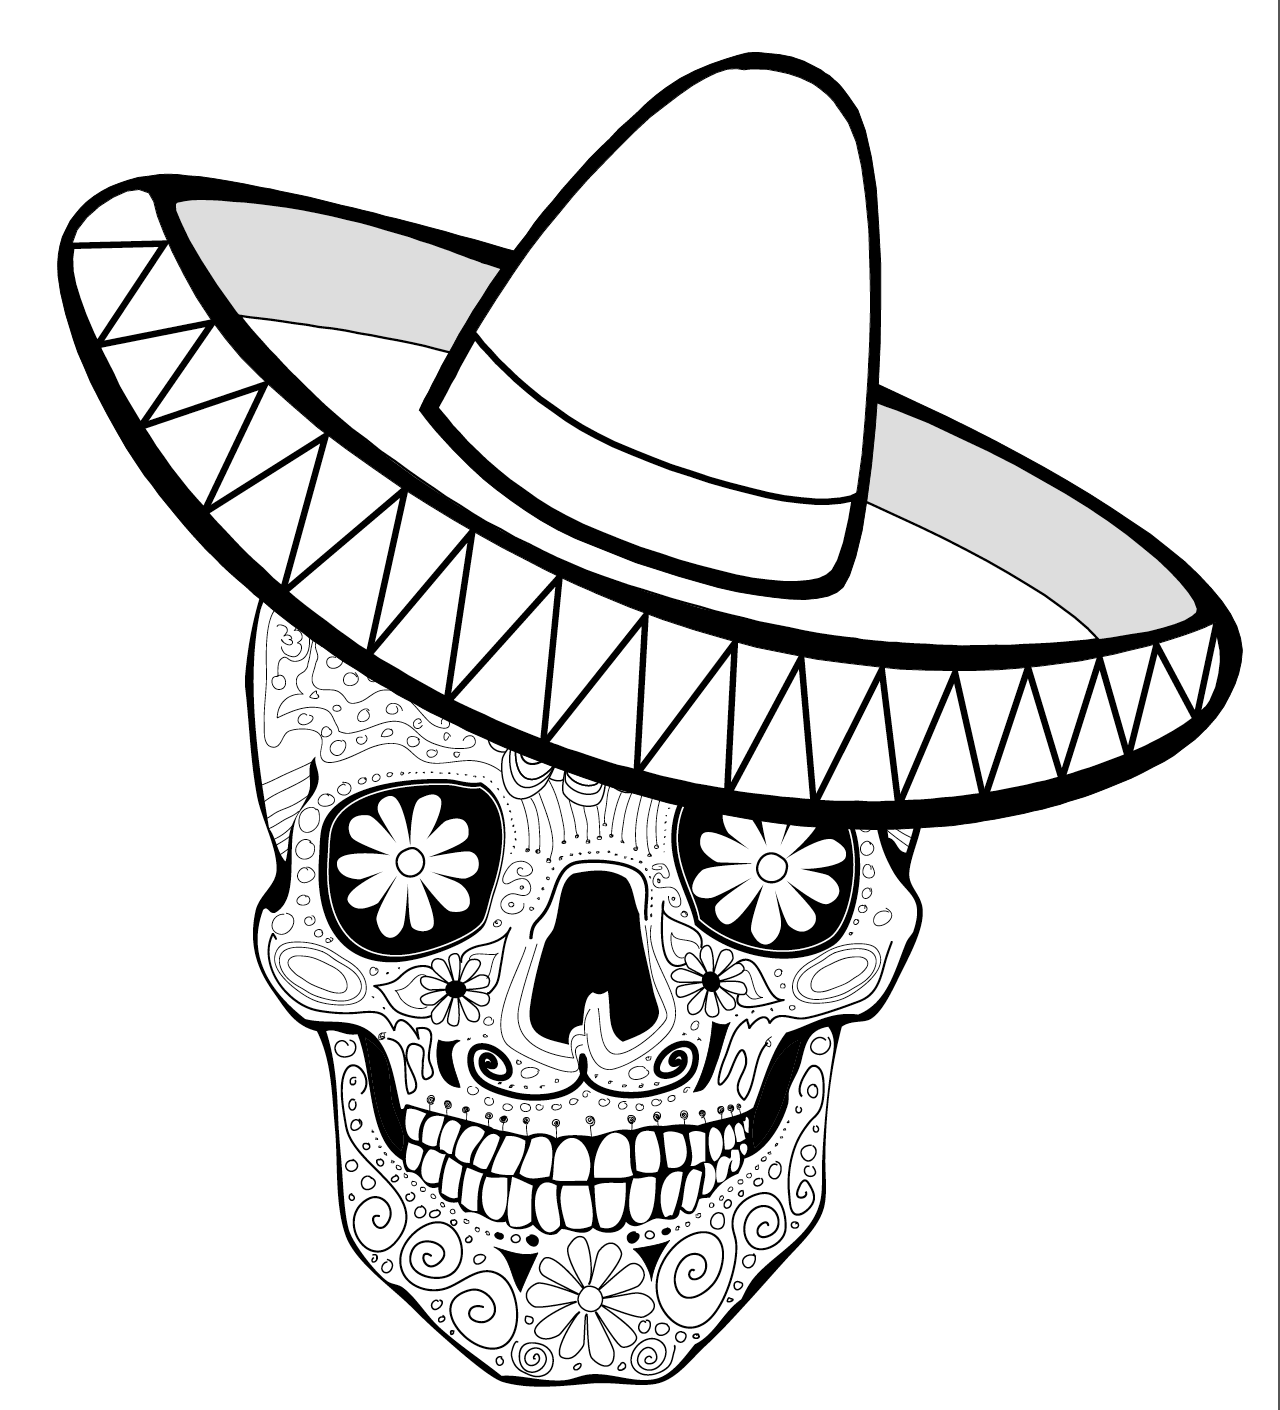 Coloring Page Dia De Los Muertos Calaca With Sombrero